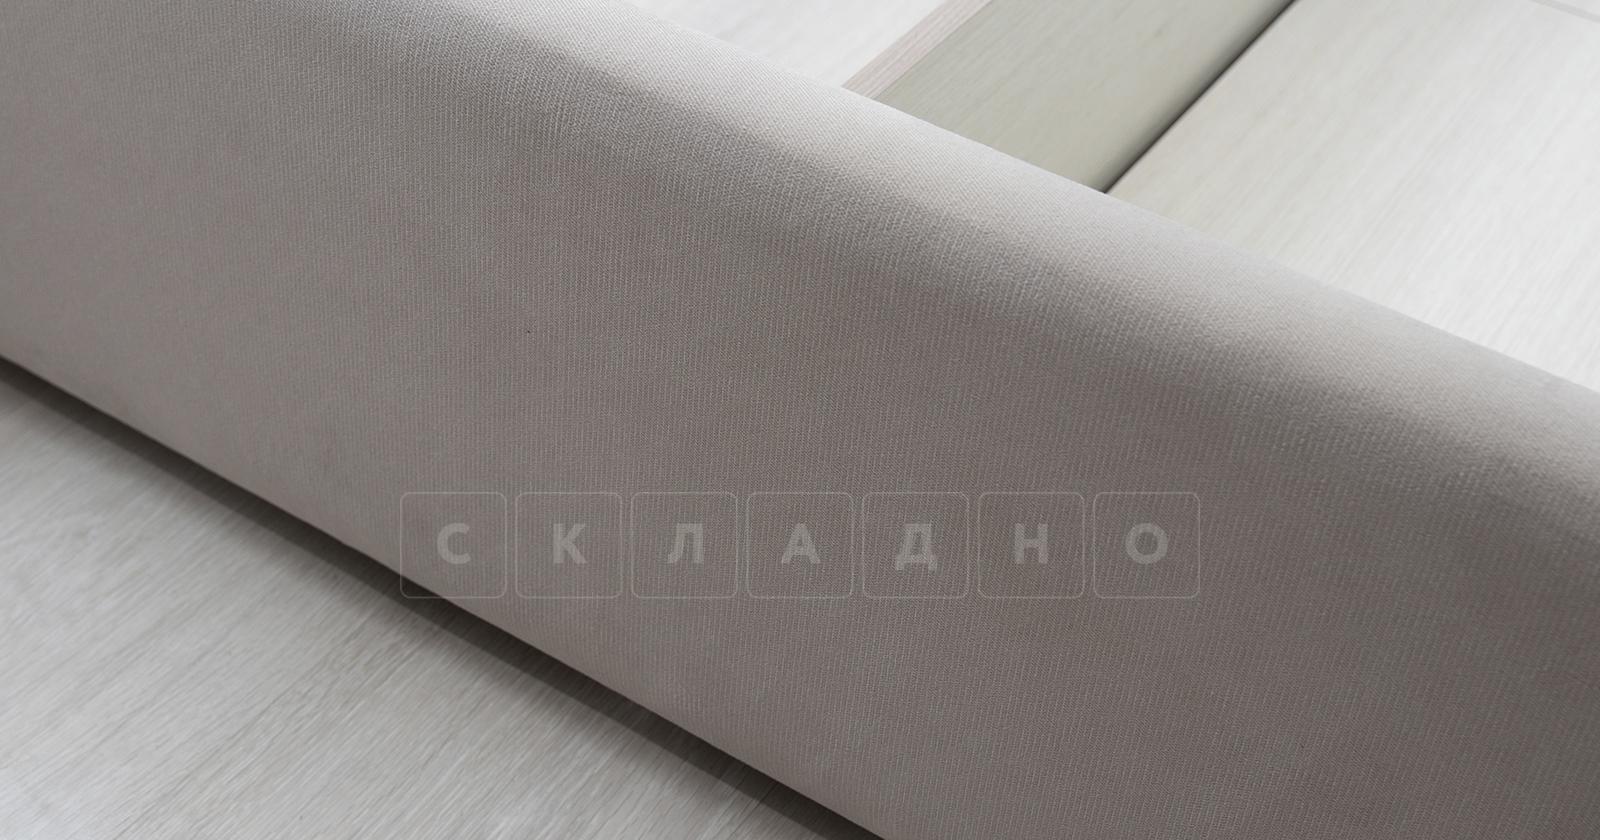 Мягкая кровать Милана 160 см светлый кварцевый серый с подъемным механизмом фото 6 | интернет-магазин Складно